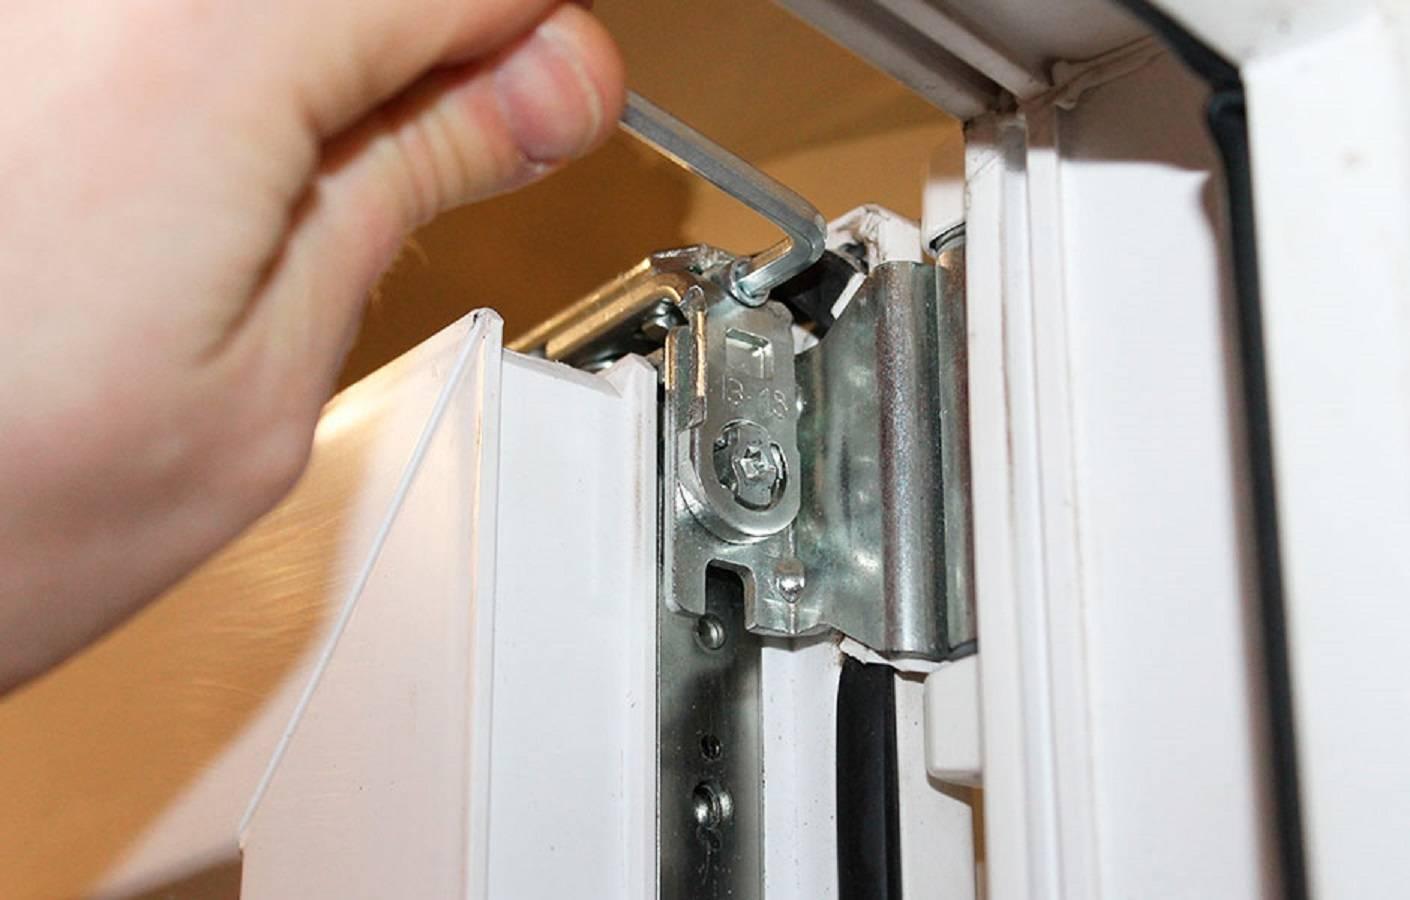 Ремонт пвх-окон (57 фото): как снять стеклопакет в пластиковой конструкции, замена стекла своими руками